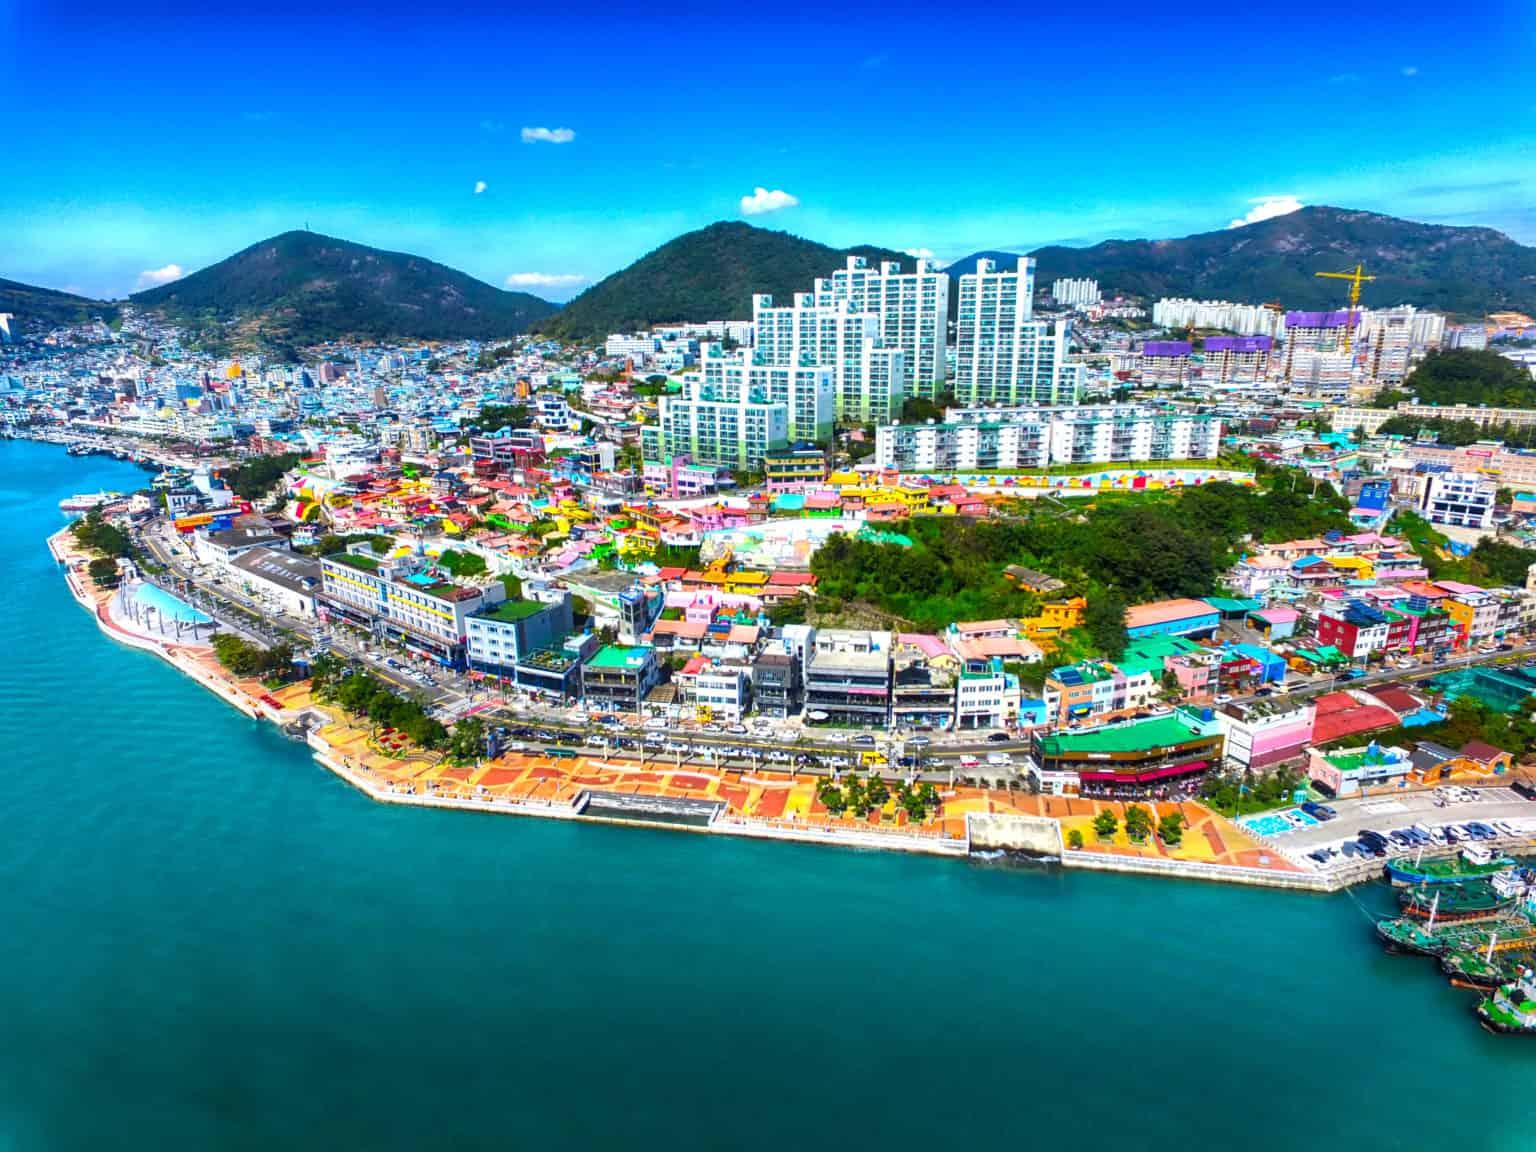 Walking Tour in Yeosu